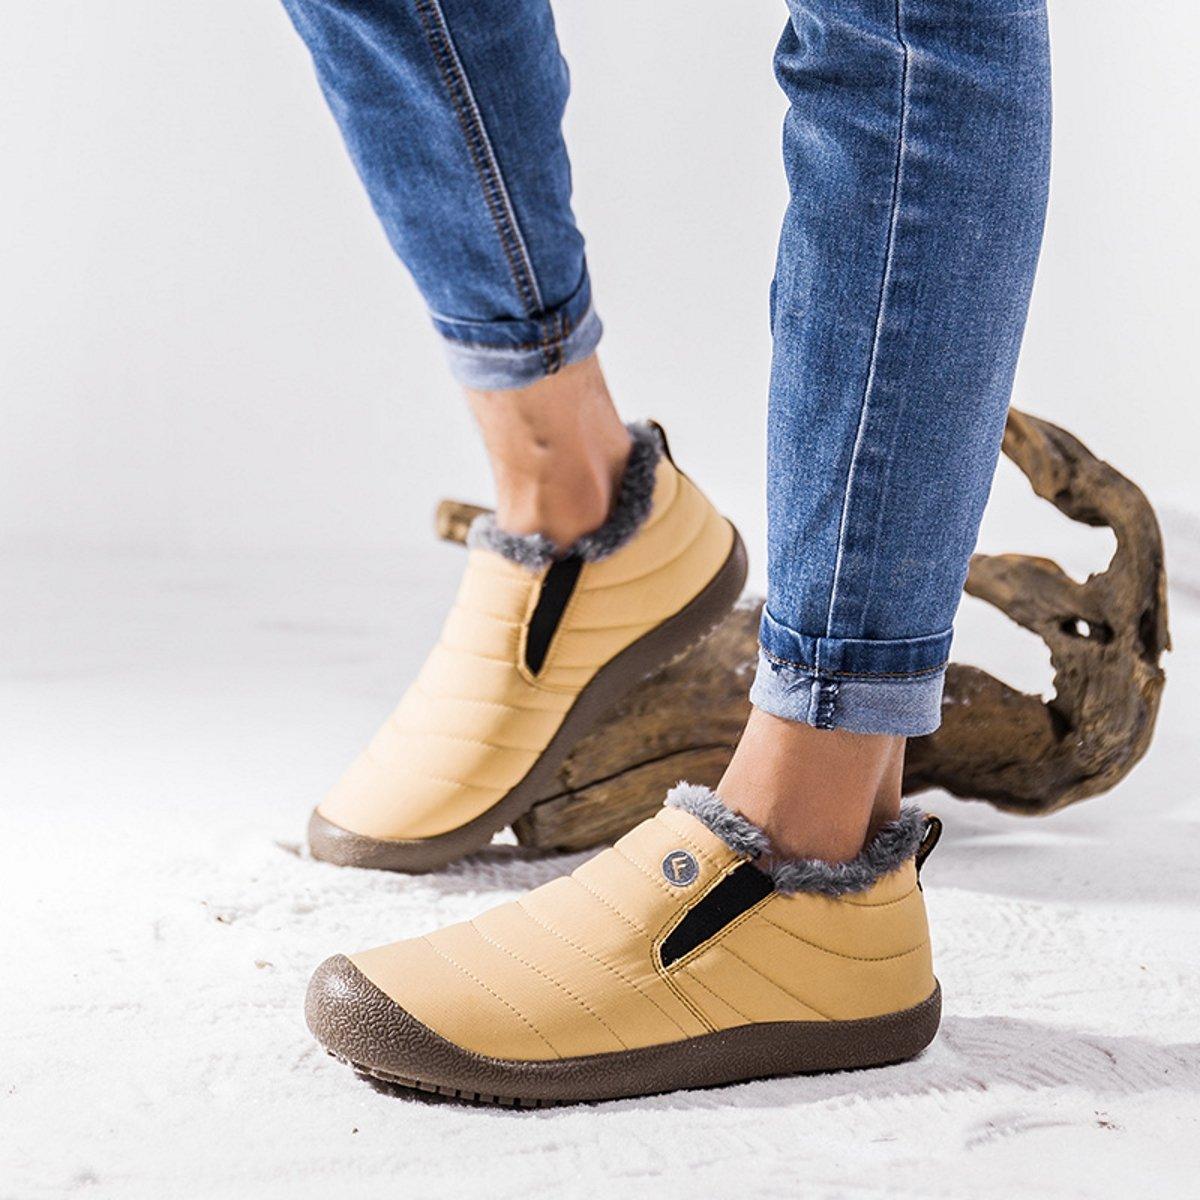 ab23374bf3f welltree Mujeres y hombres Botines de nieve para tobillo Zapatos de invierno  Forro de piel caliente Zapatillas impermeables al aire libre Amarillo